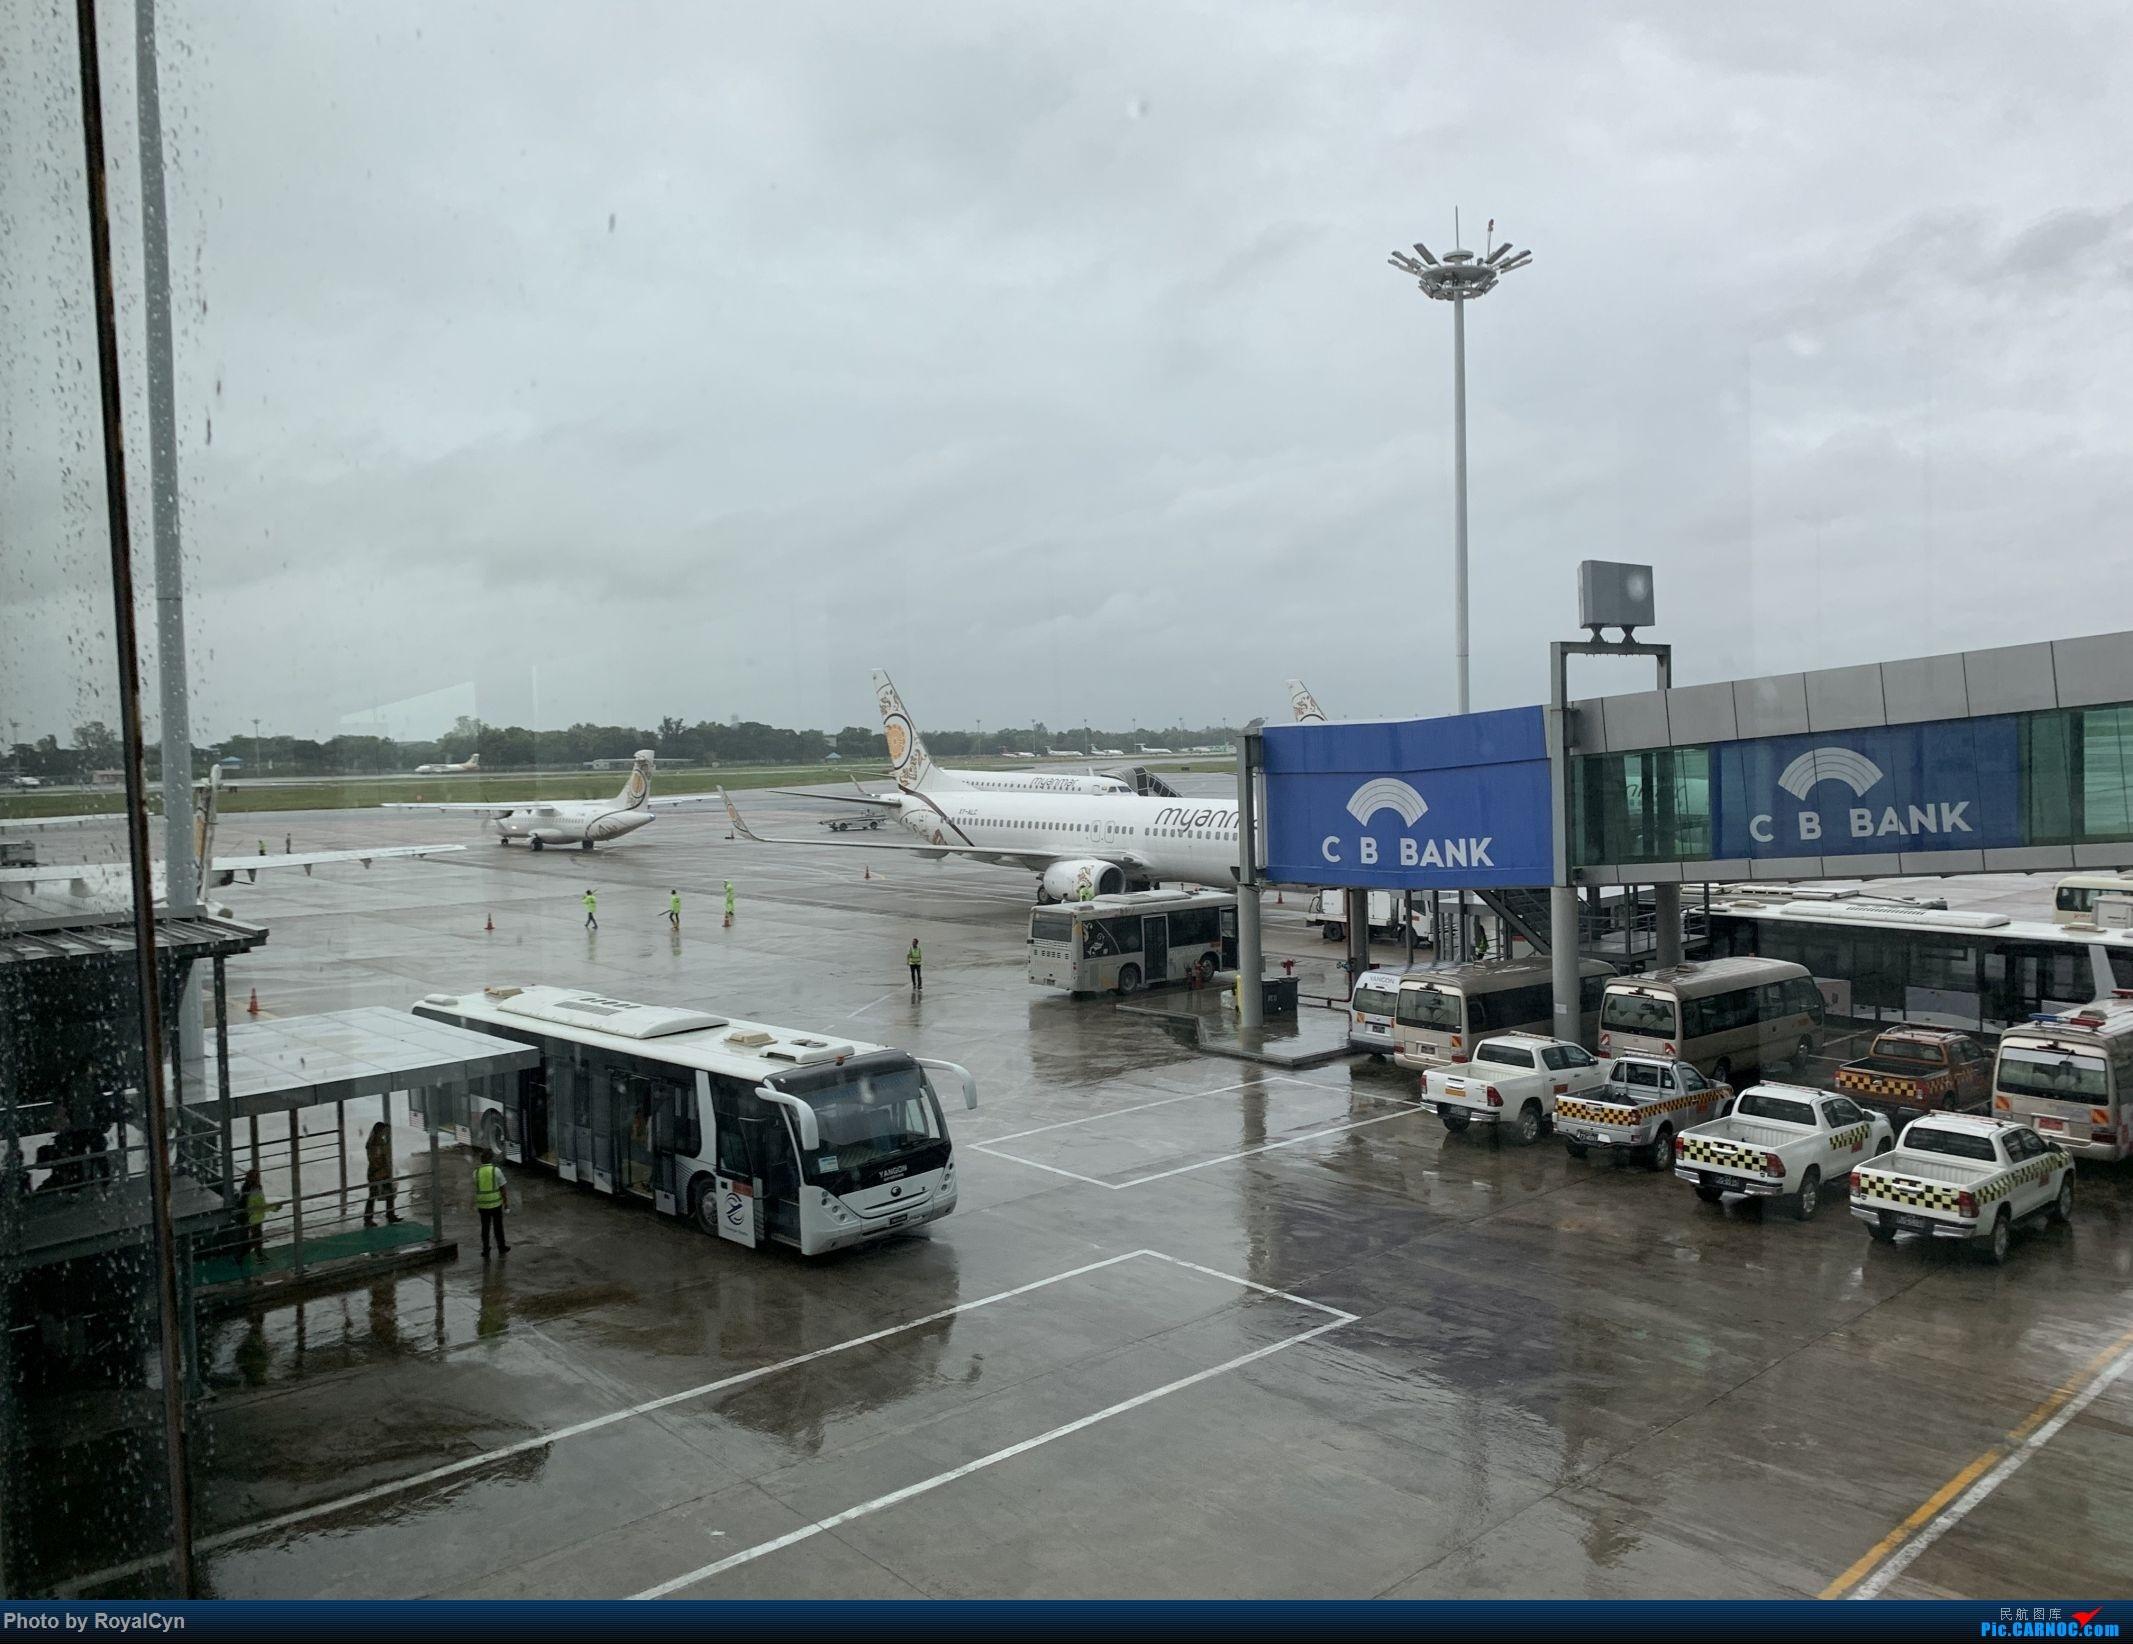 Re:[原创]Royal游记No.3【佛塔国度狂想曲——棉麻国缅甸】三城6日游 BOEING 737-800 XY-ALC 缅甸仰光机场